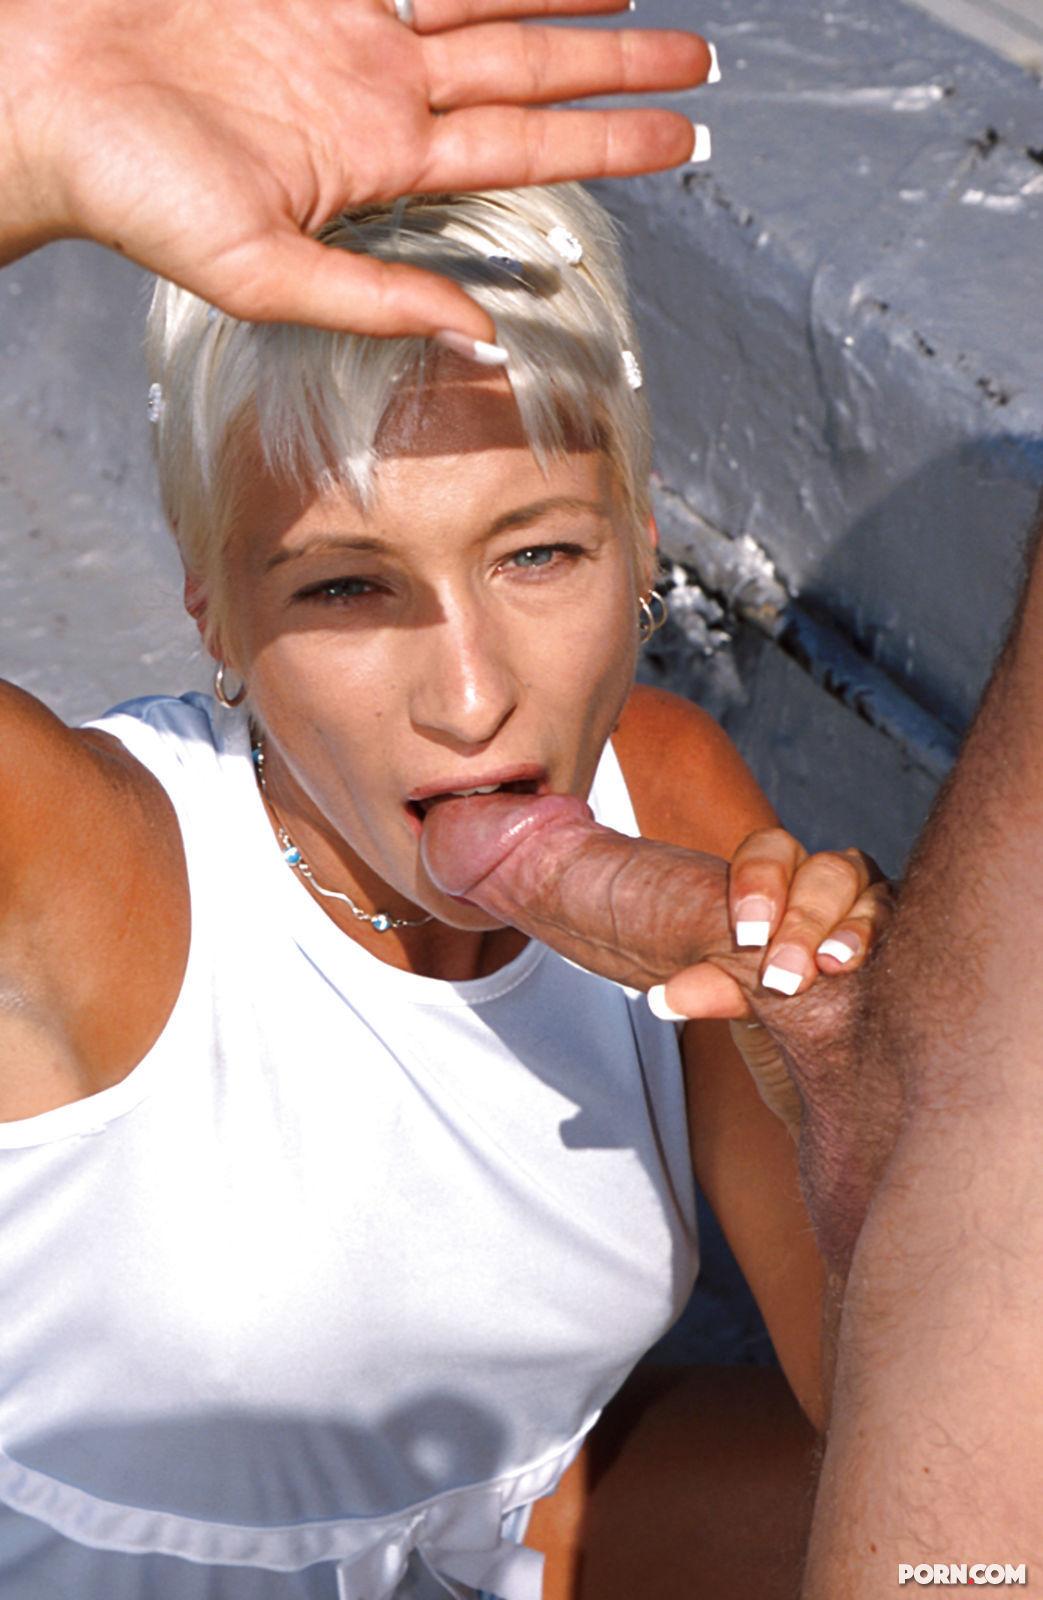 Анальный Секс  Категория порно видео